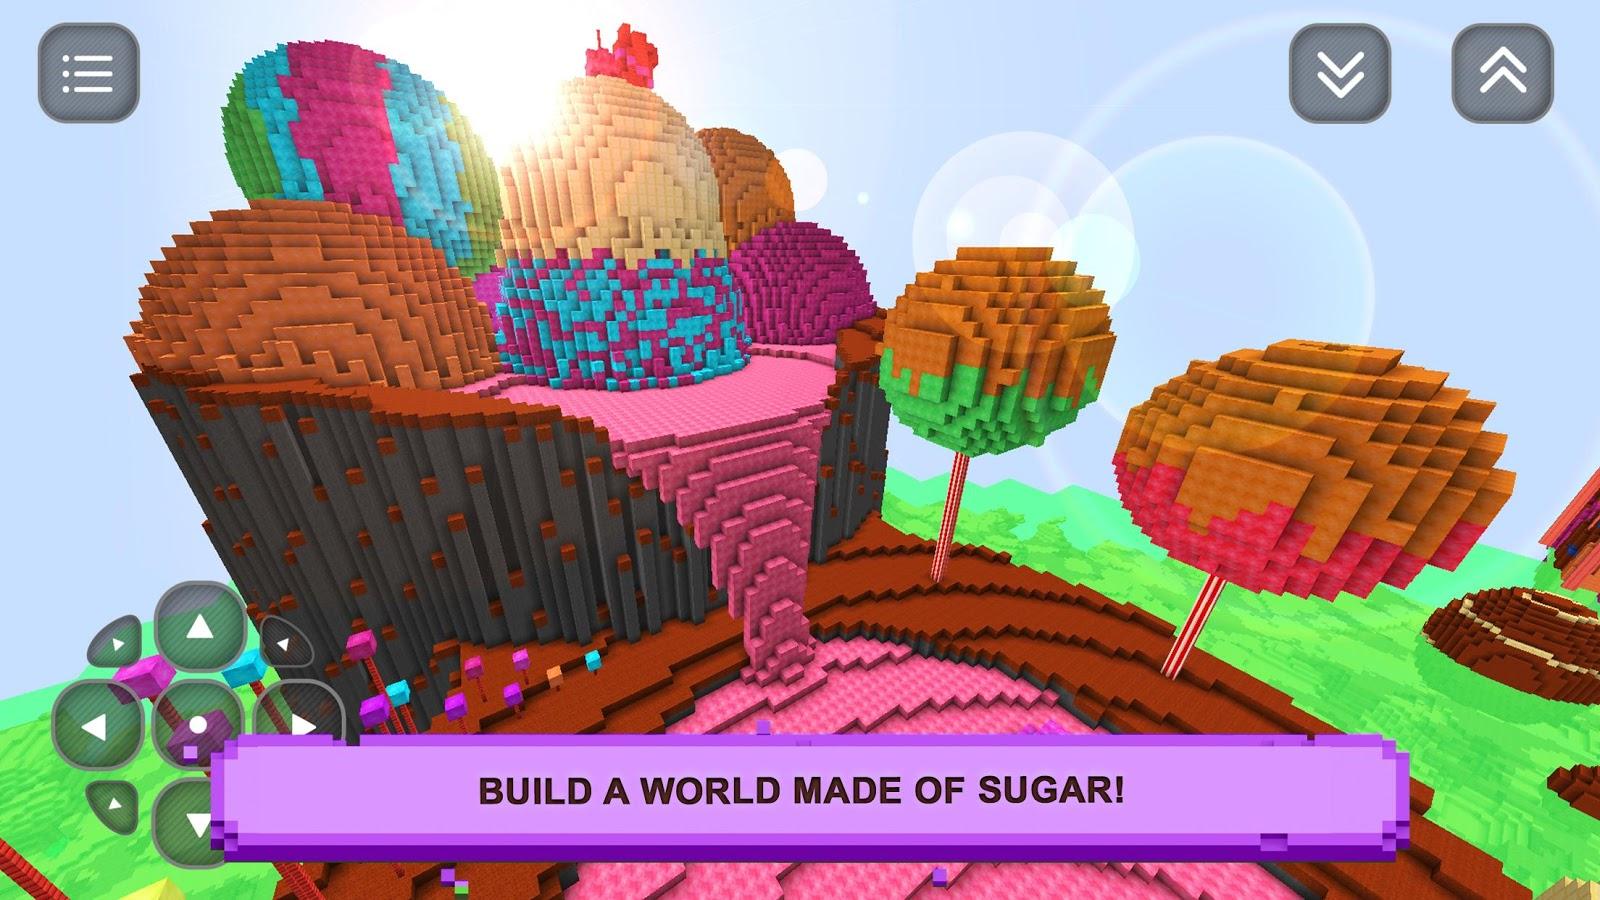 Sugar minecraft